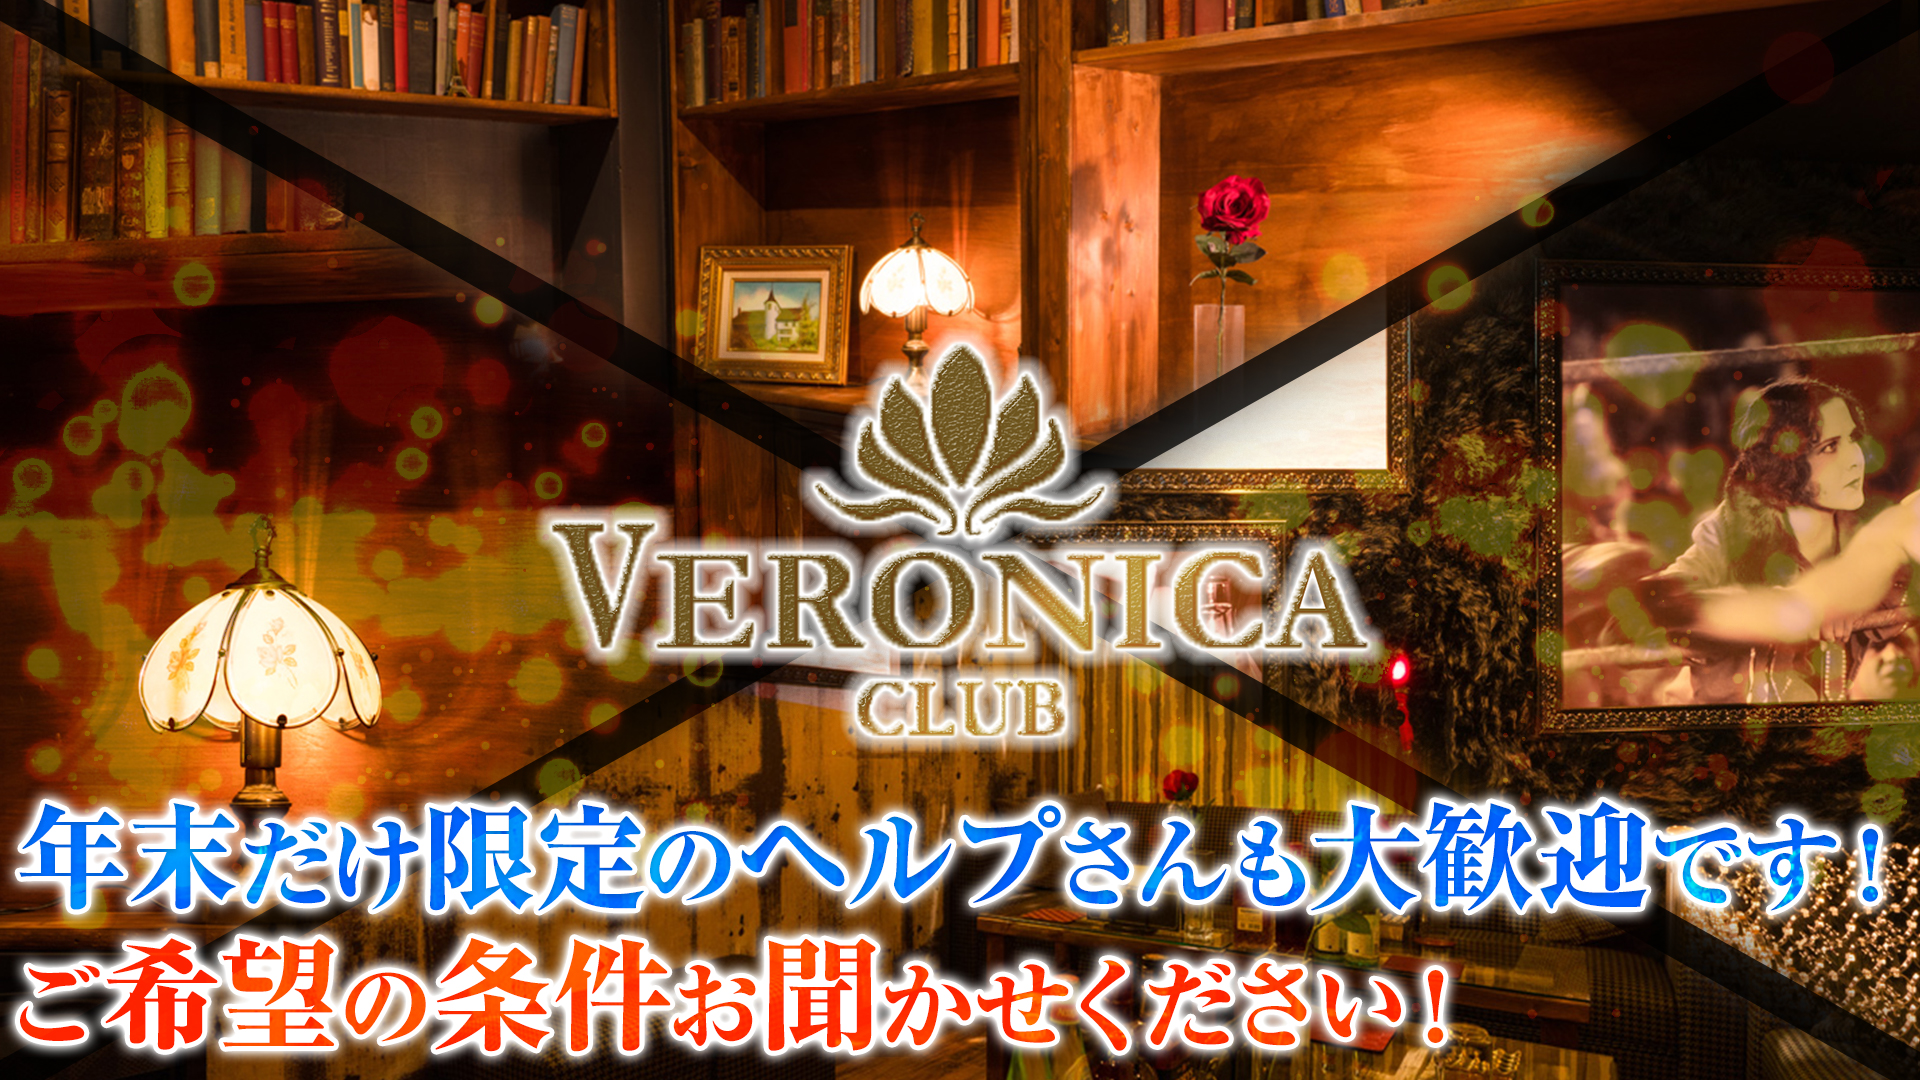 CLUB VERONICA[クラブ ヴェロニカ] 千葉 キャバクラ TOP画像